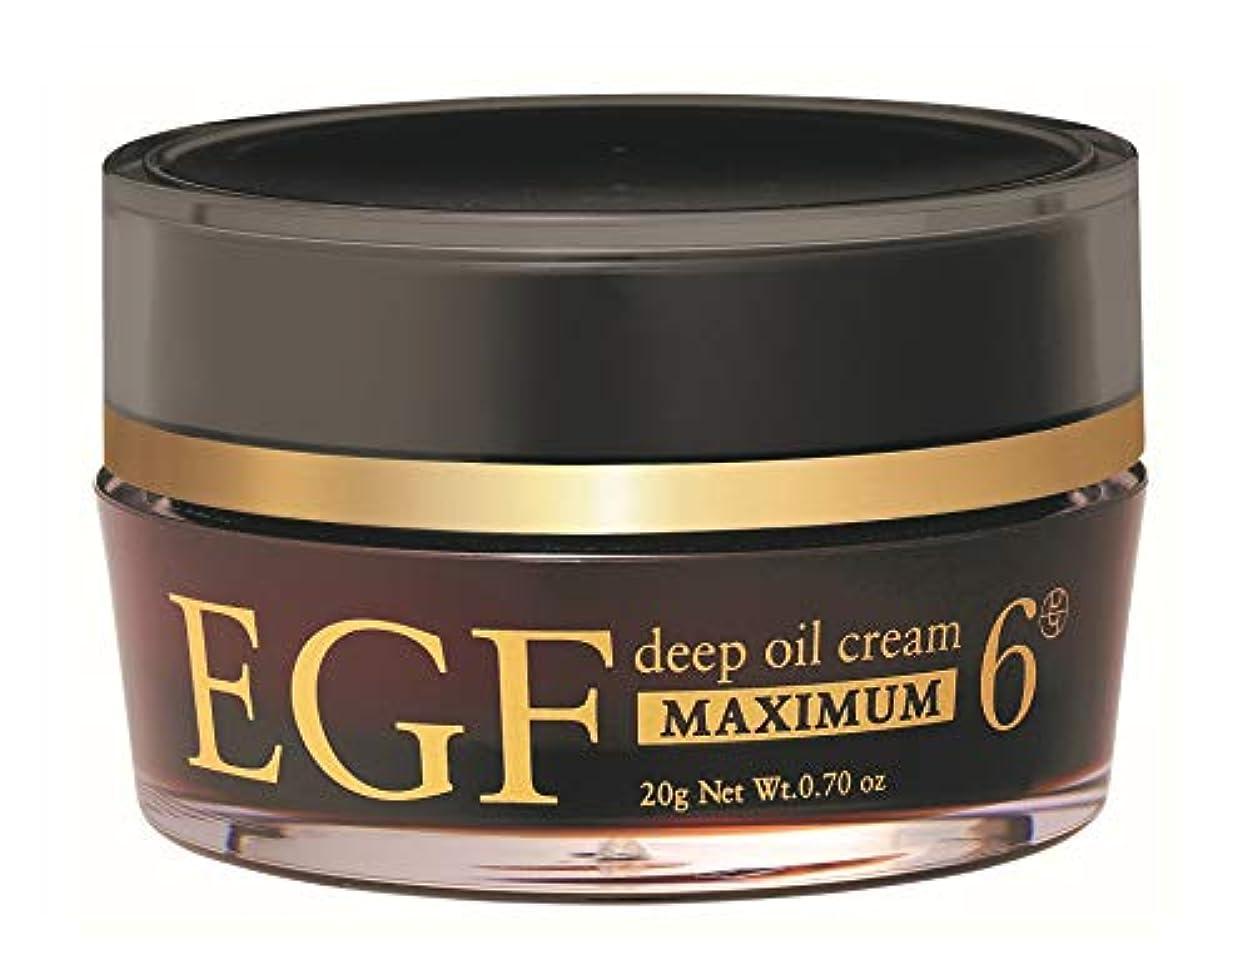 ペレグリネーション市民事業EGF ディープオイルクリーム マキシマム [ 20g / 濃度6?g ] エイジングケア (高濃度EGFクリーム) 日本製